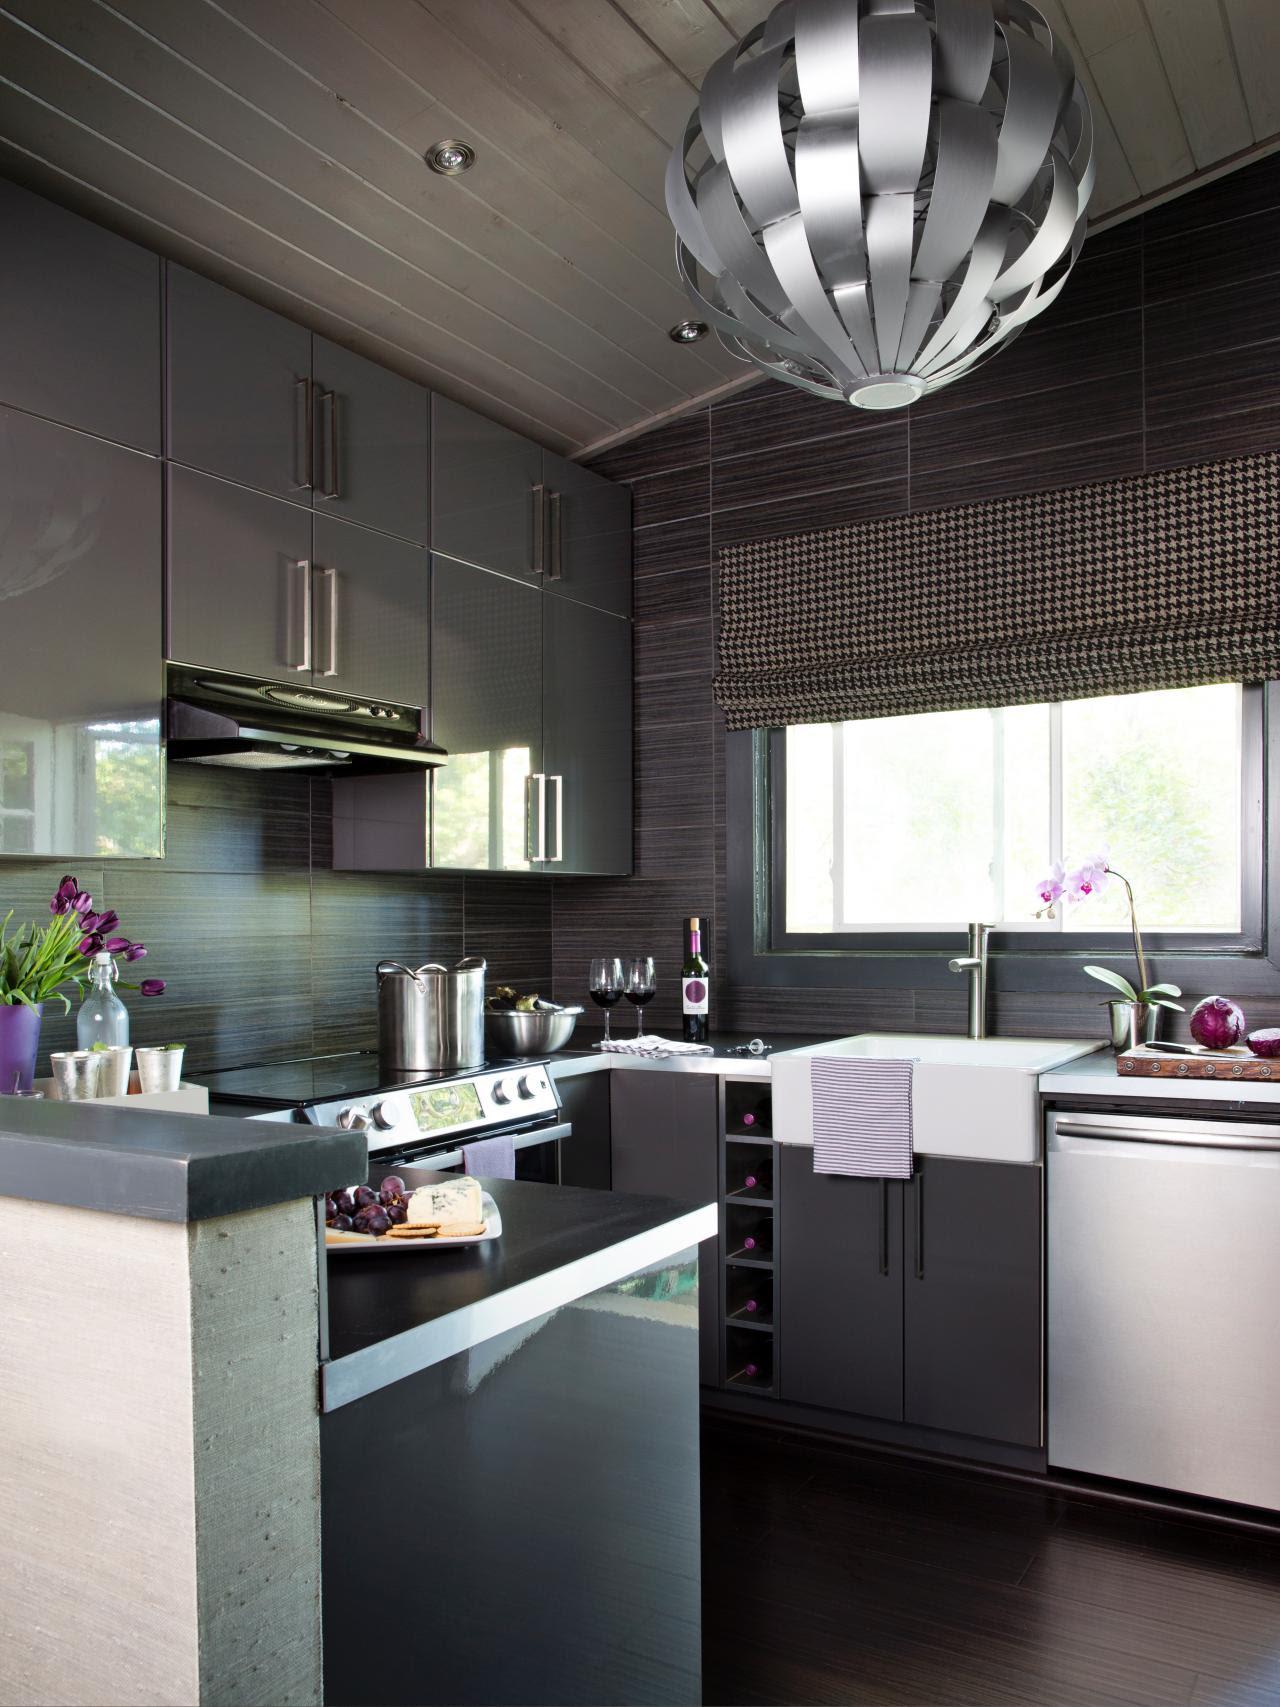 Small Modern Kitchen Design Ideas: HGTV Pictures